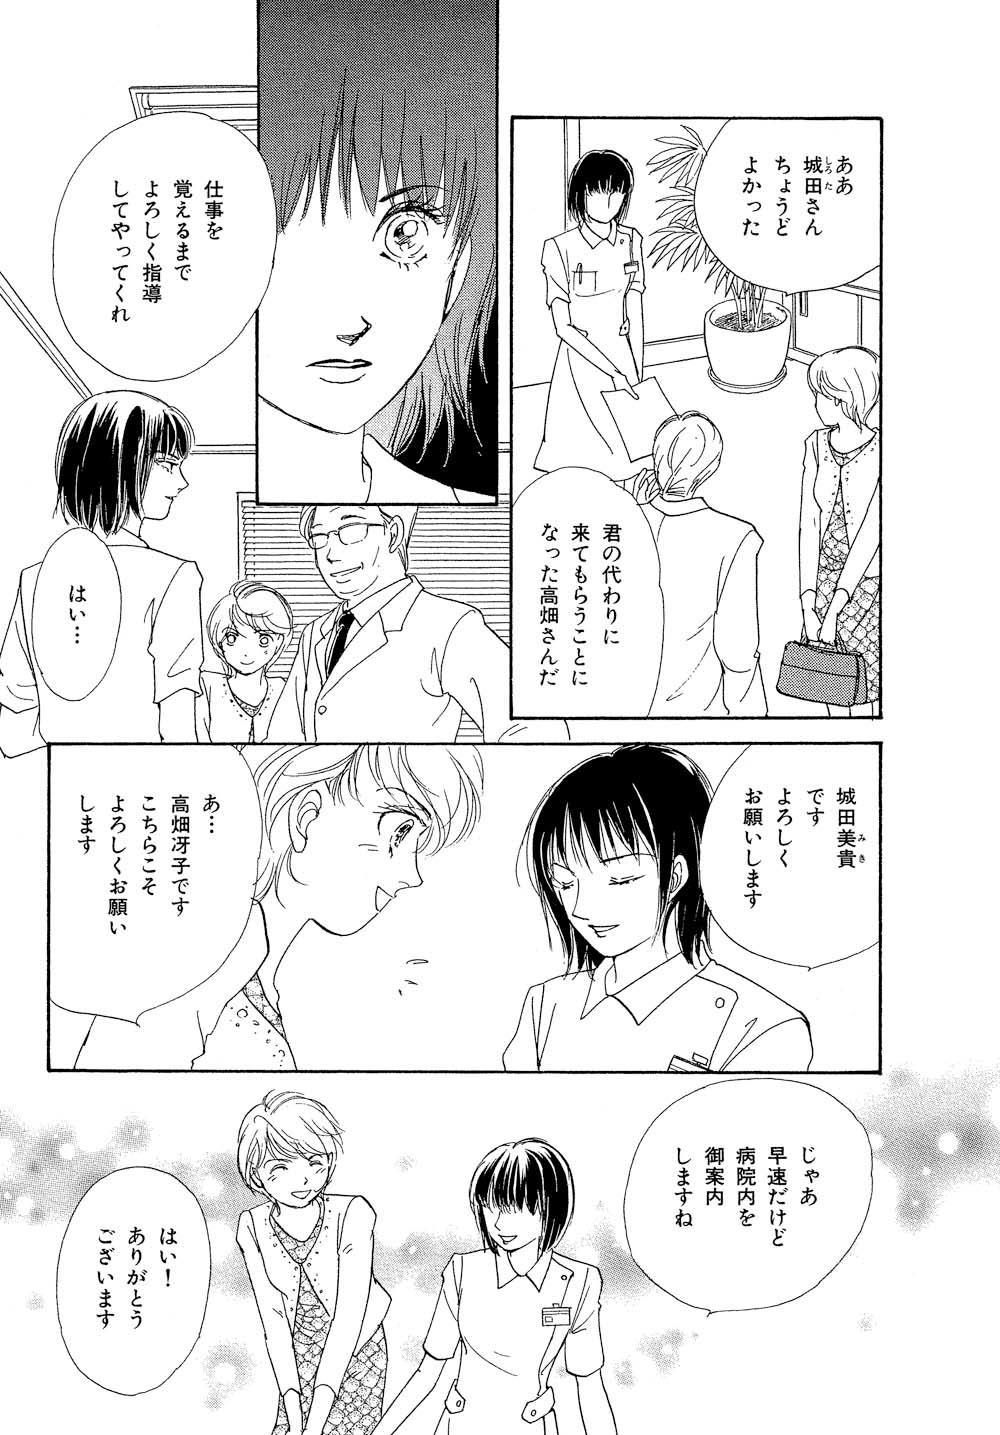 hakui_0001_0141.jpg